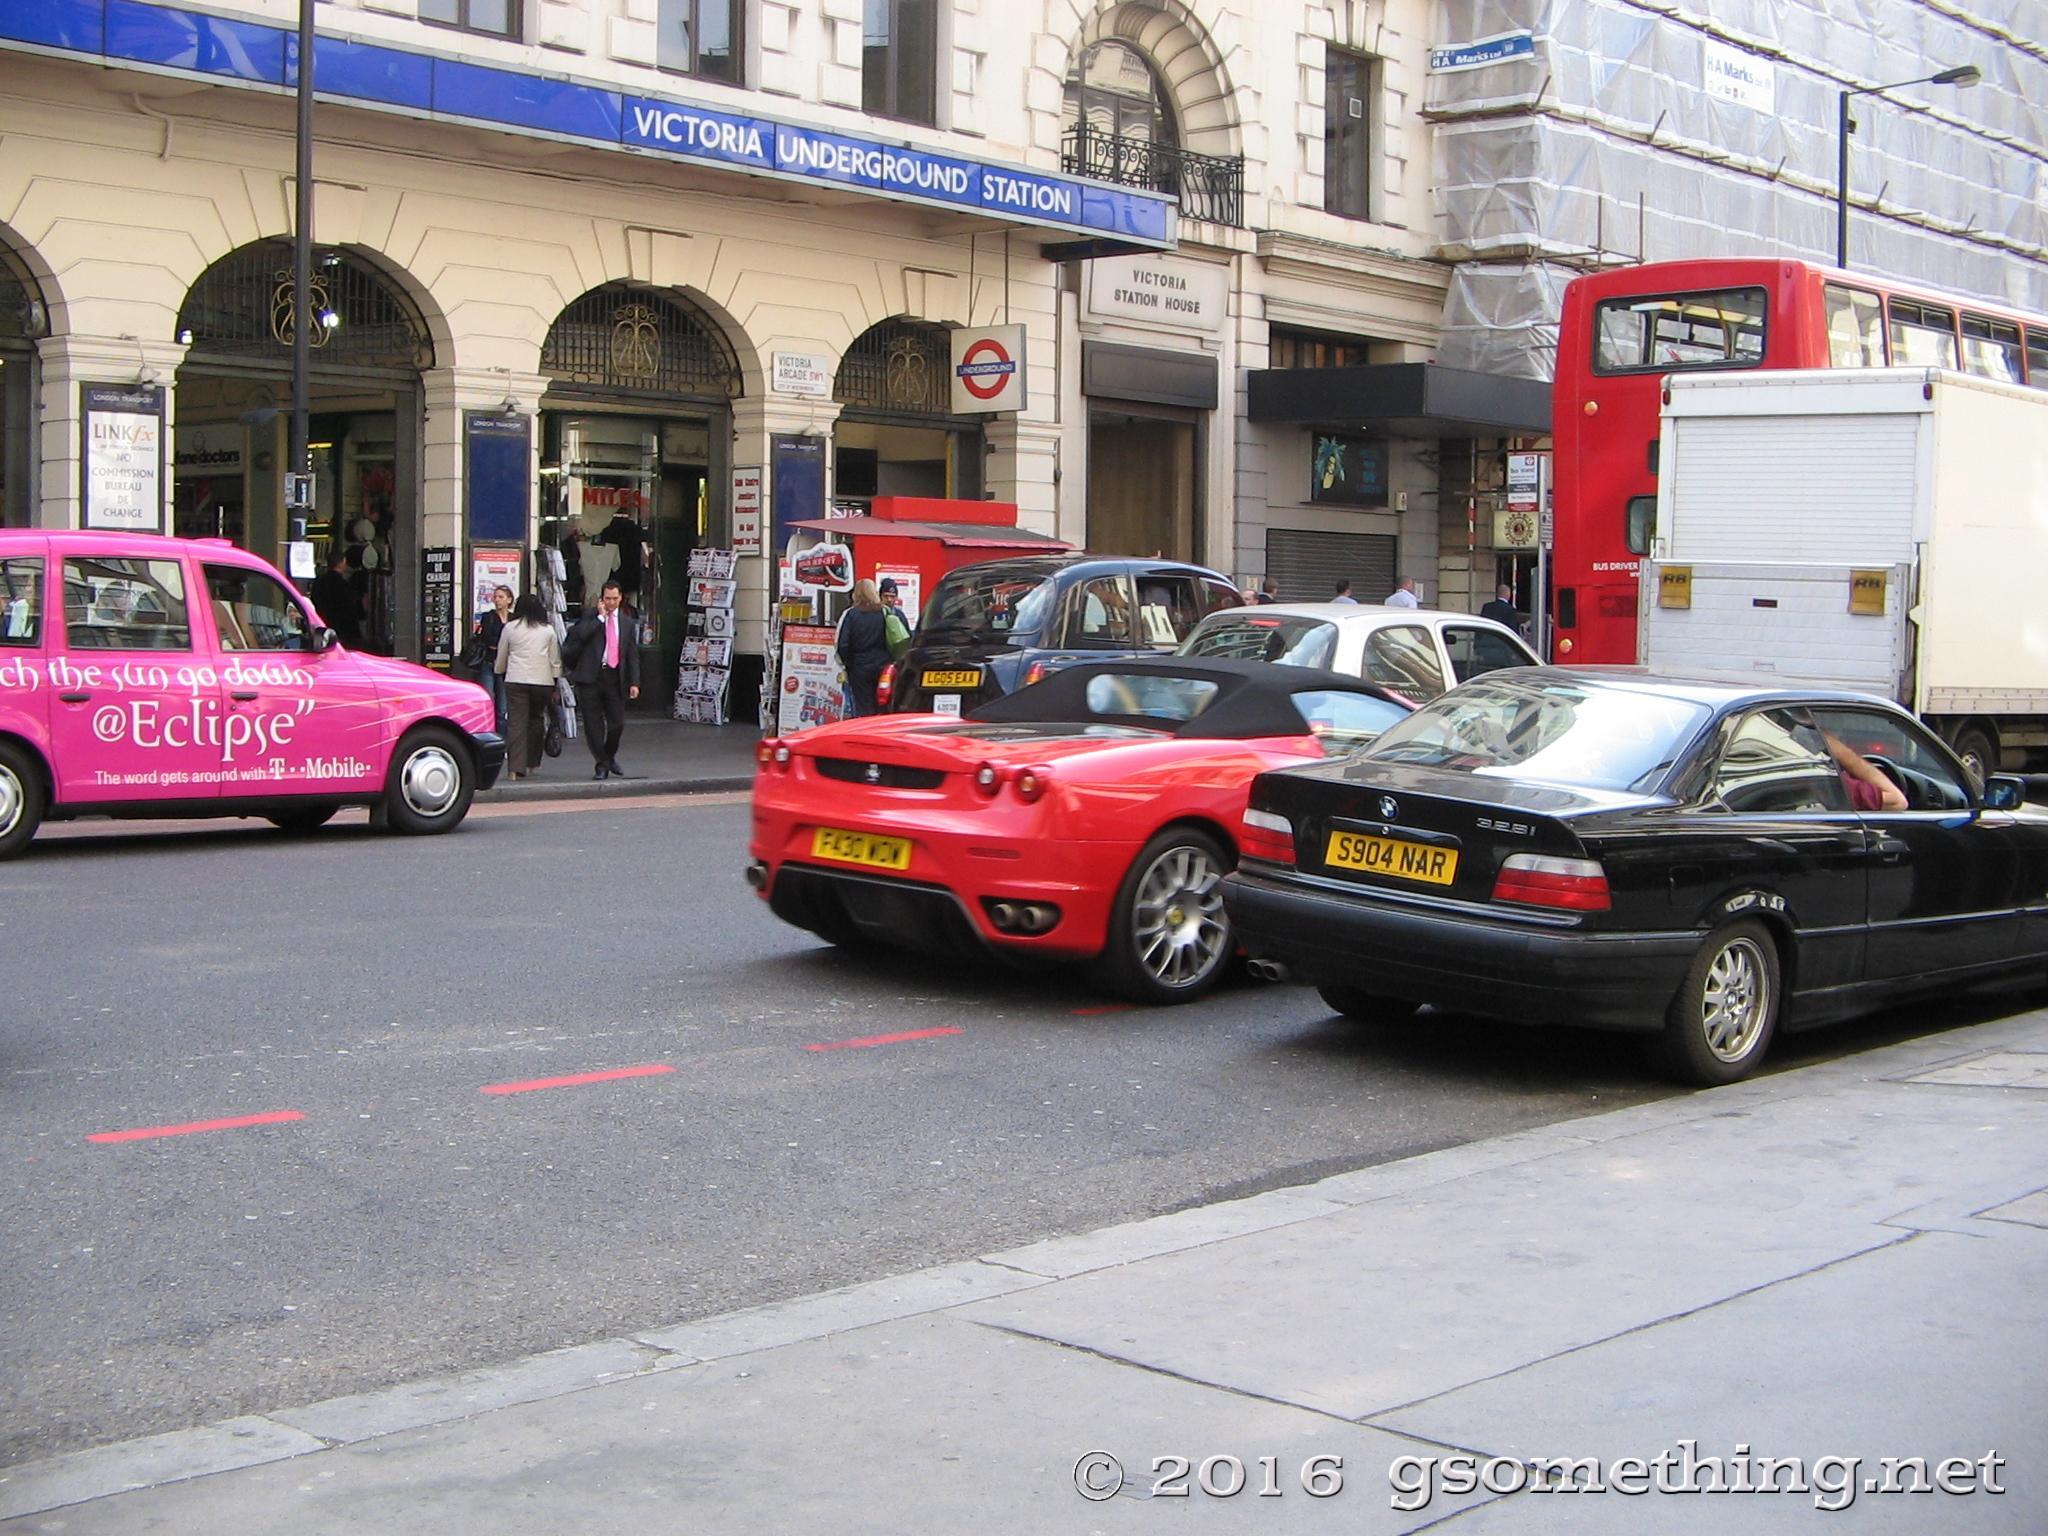 london_33.jpg